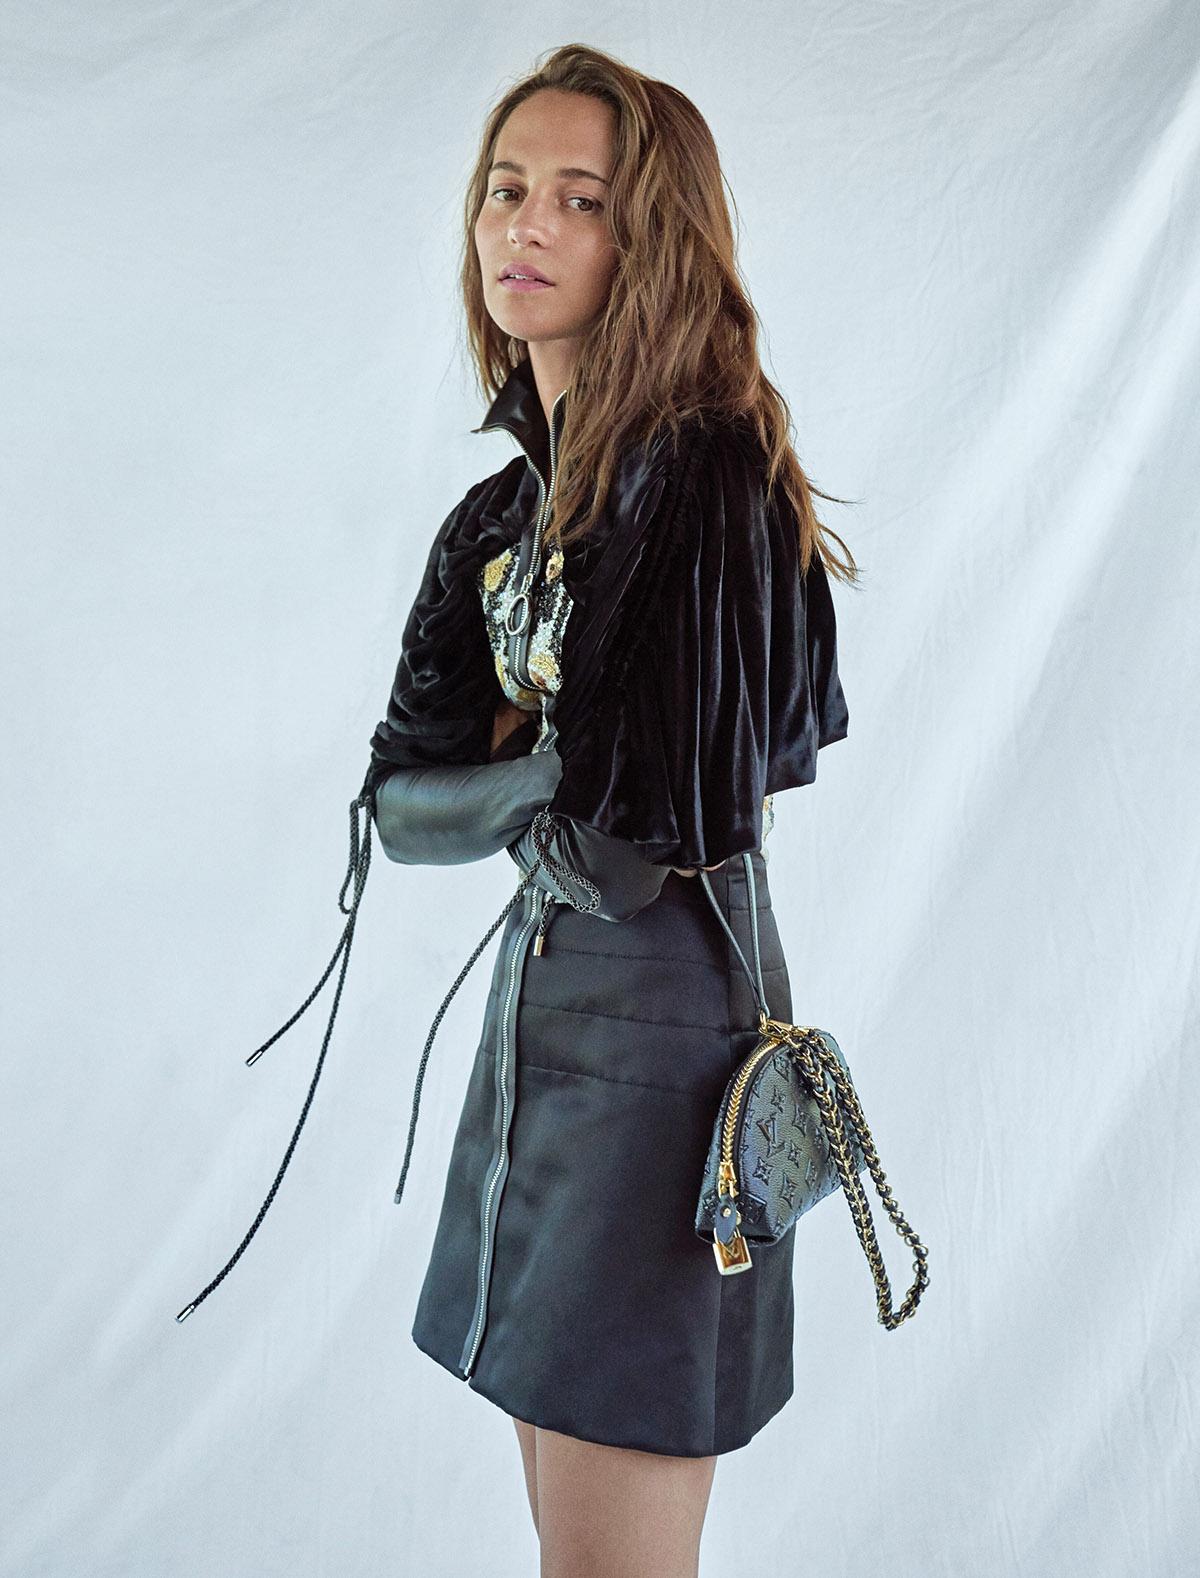 Alicia Vikander 2019 : Alicia Vikander – Elle Magazine (Korea – November 2019)-03